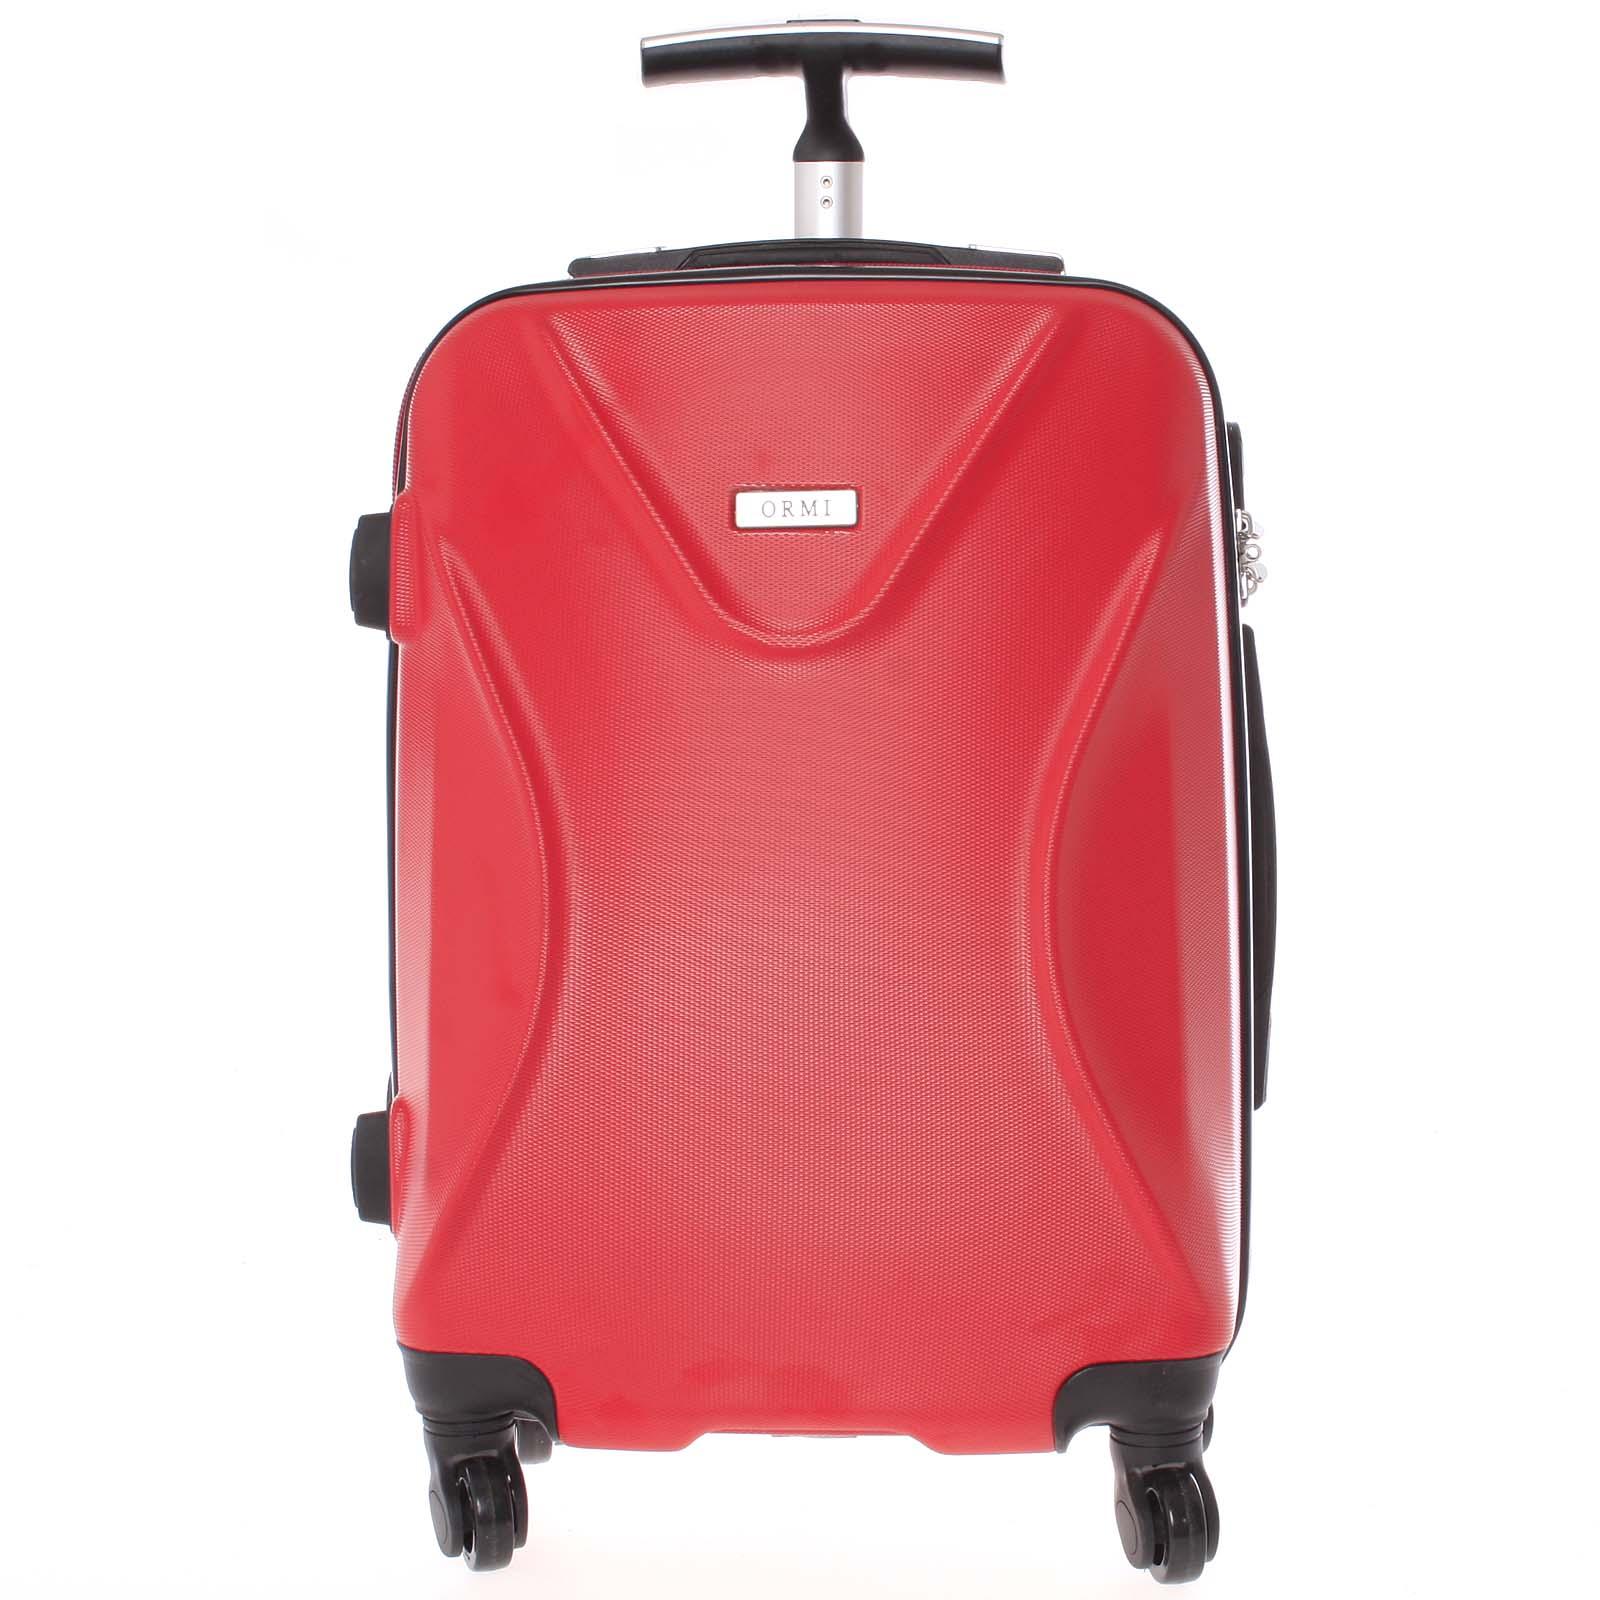 Originálny pevný cestovný kufor červený - Ormi Cross M